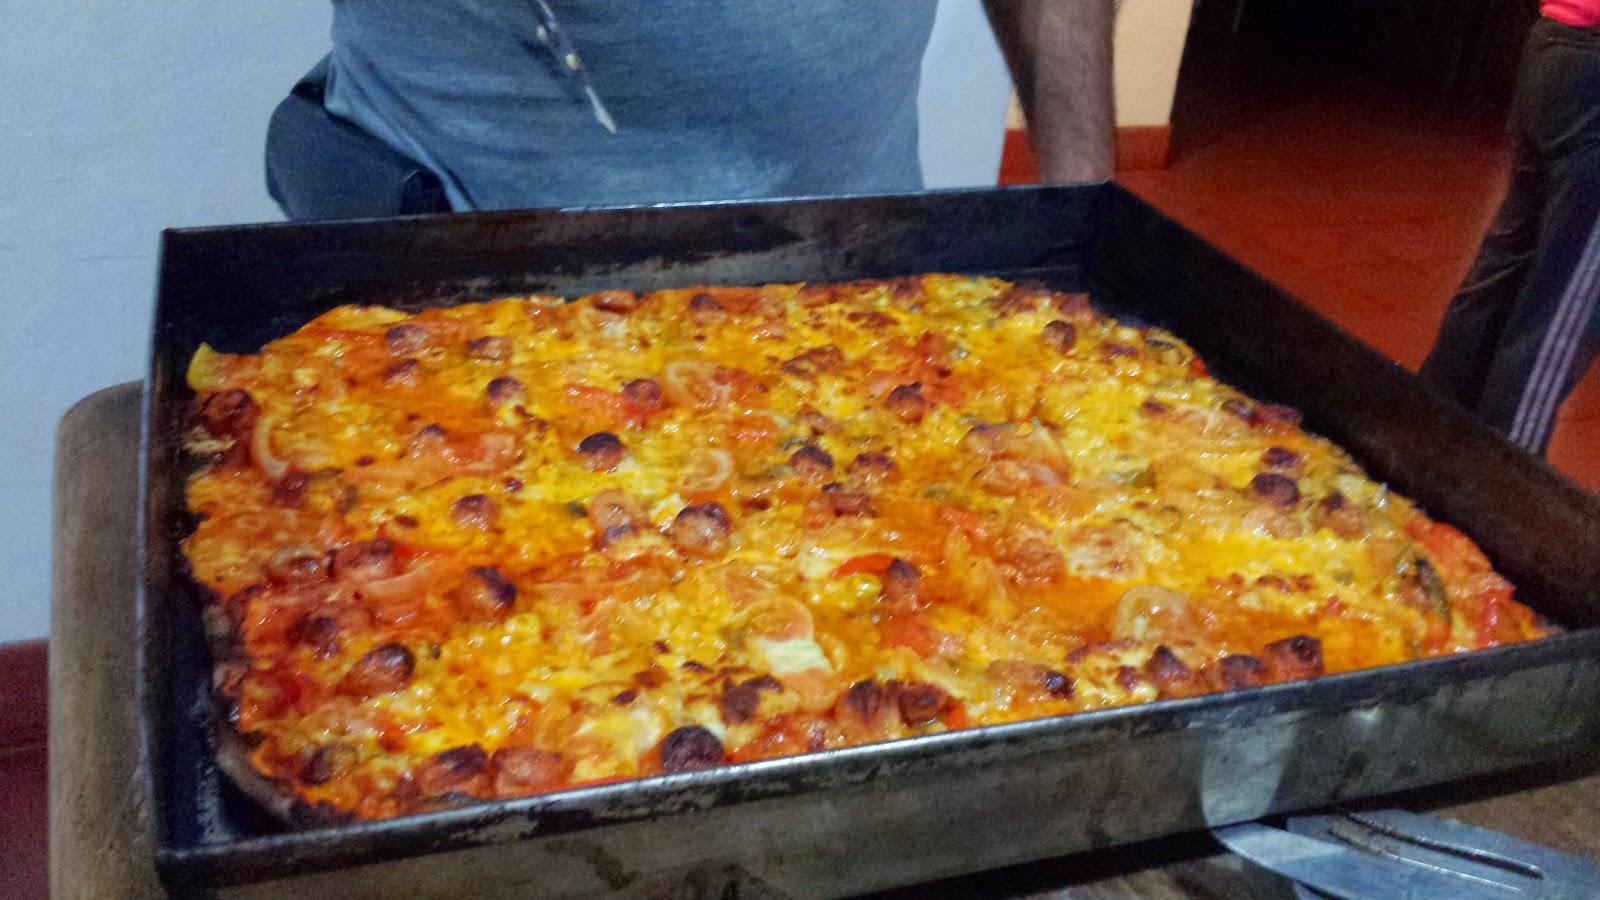 COCINA FÁCIL PARA FLOJOS: PIZZA CASERA PASO A PASO... DE DOMINGO